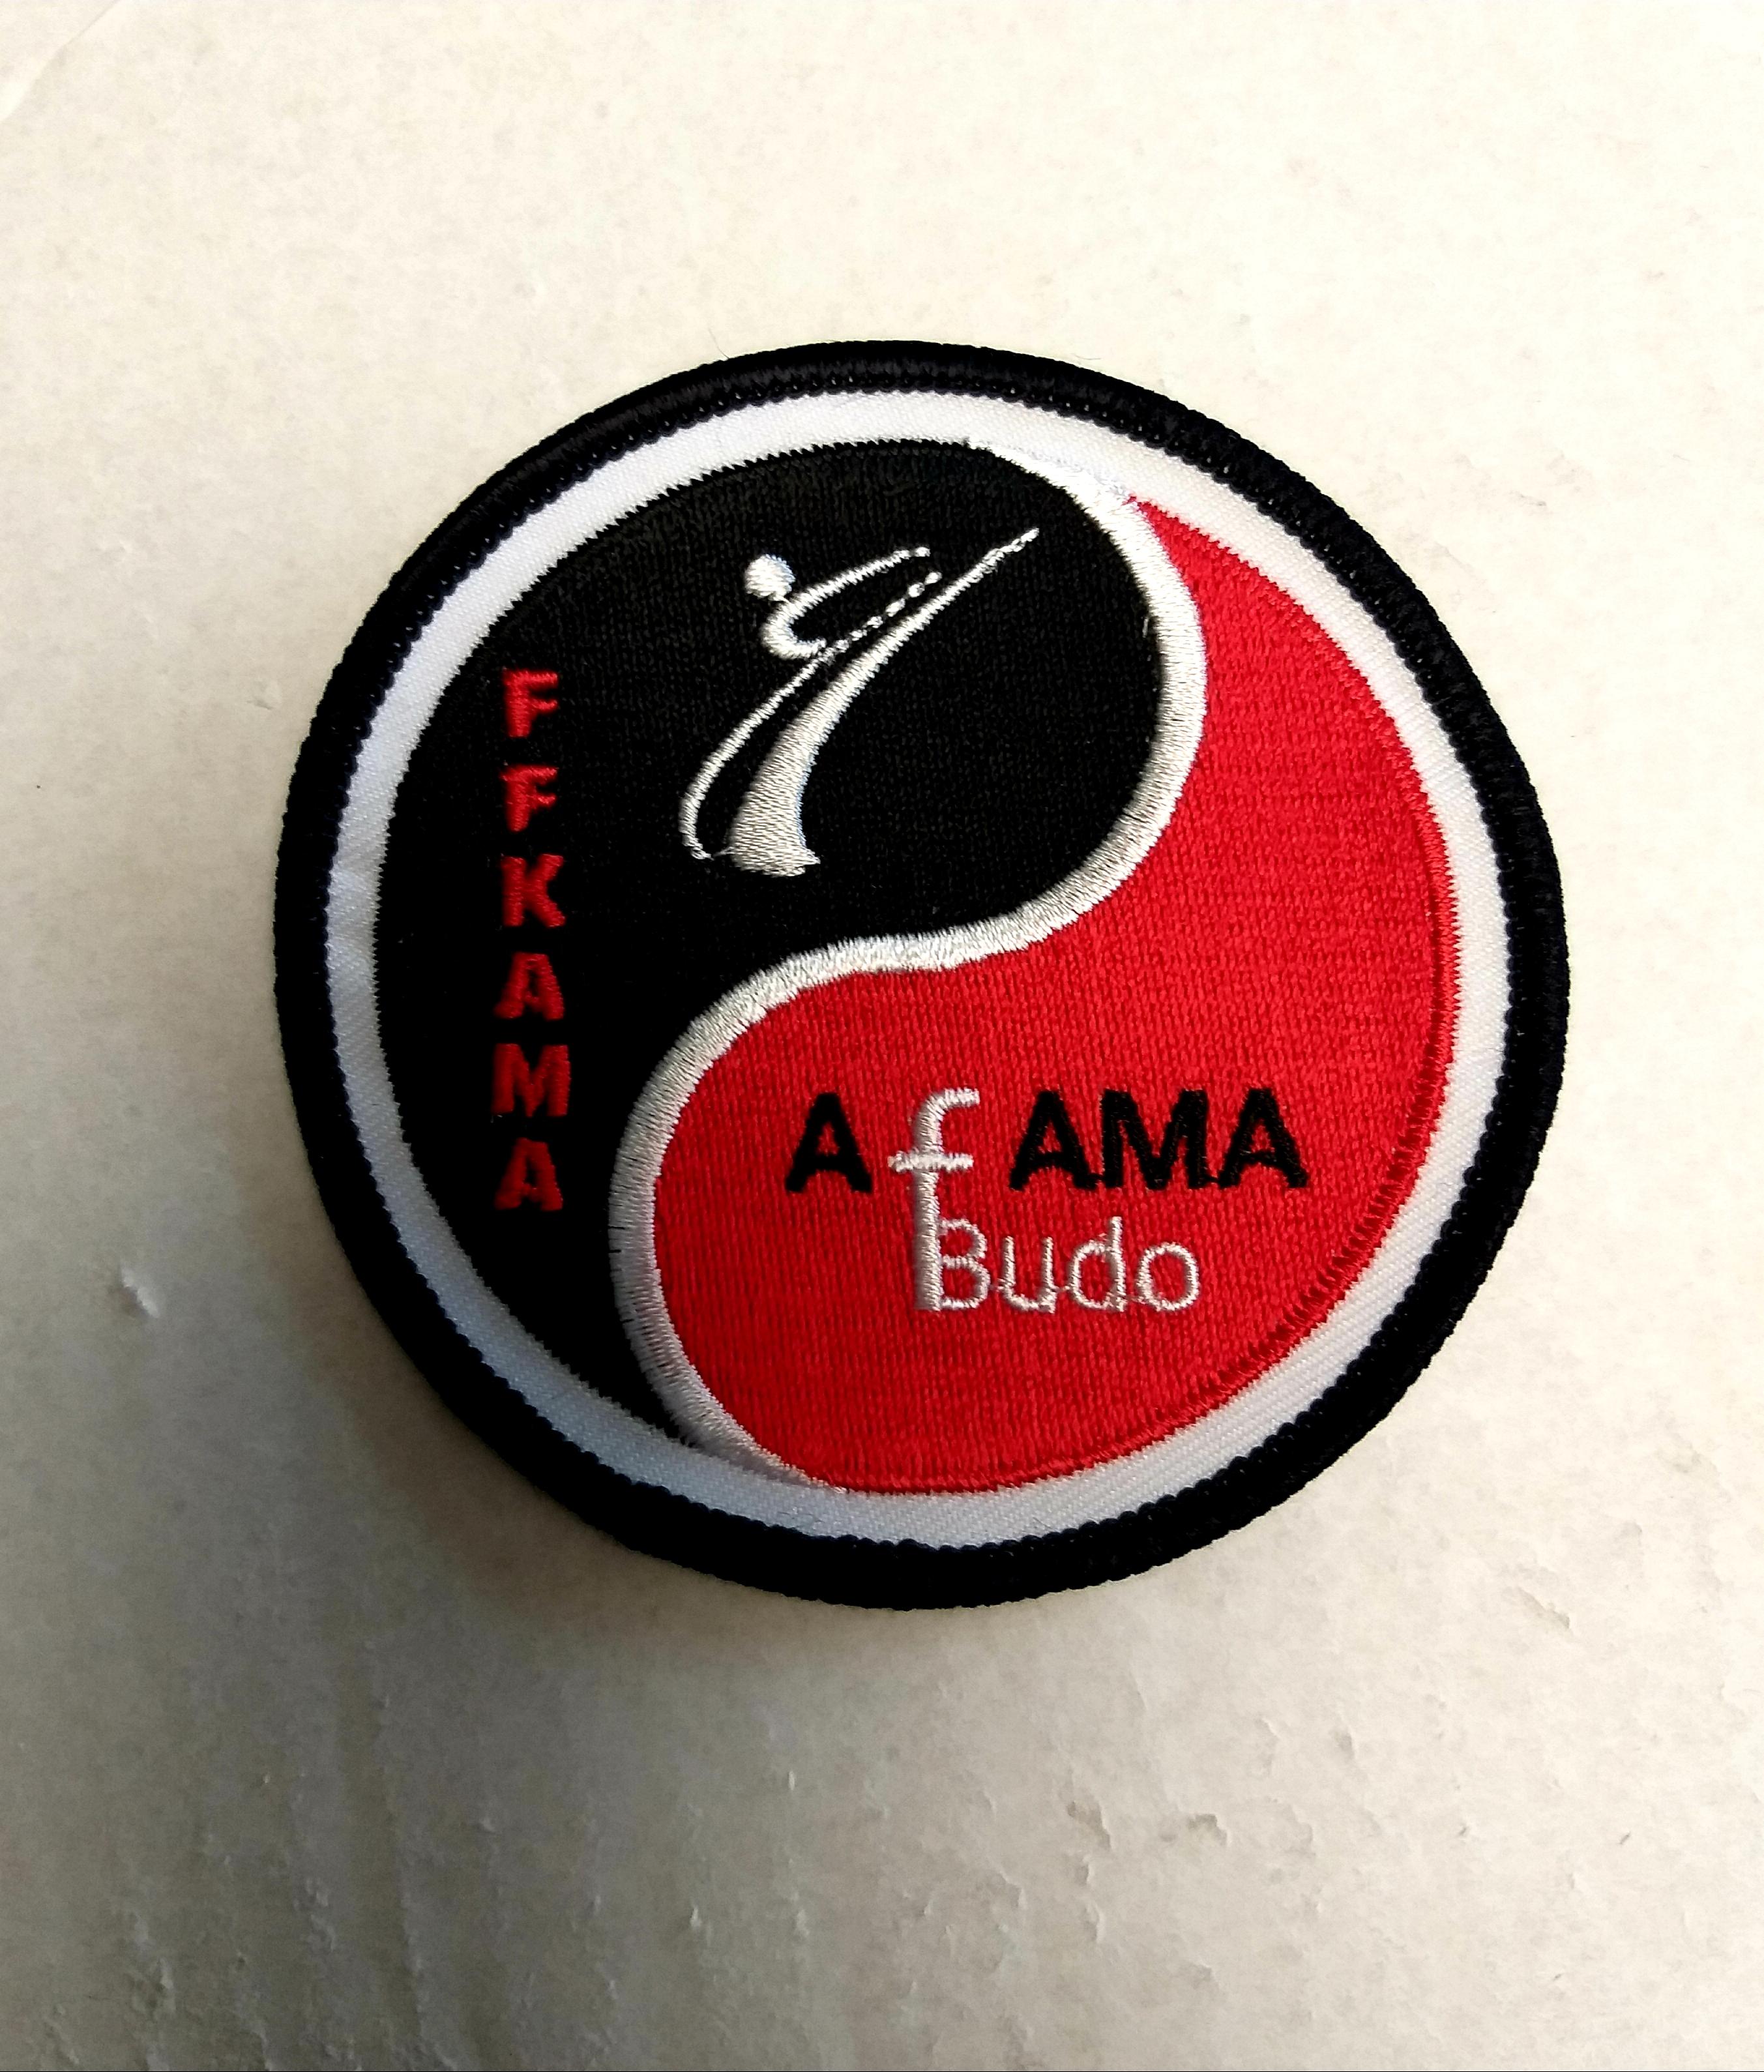 Arrivée des écussons de la Commission AFAMA Budo de la FFKAMA Belgique.